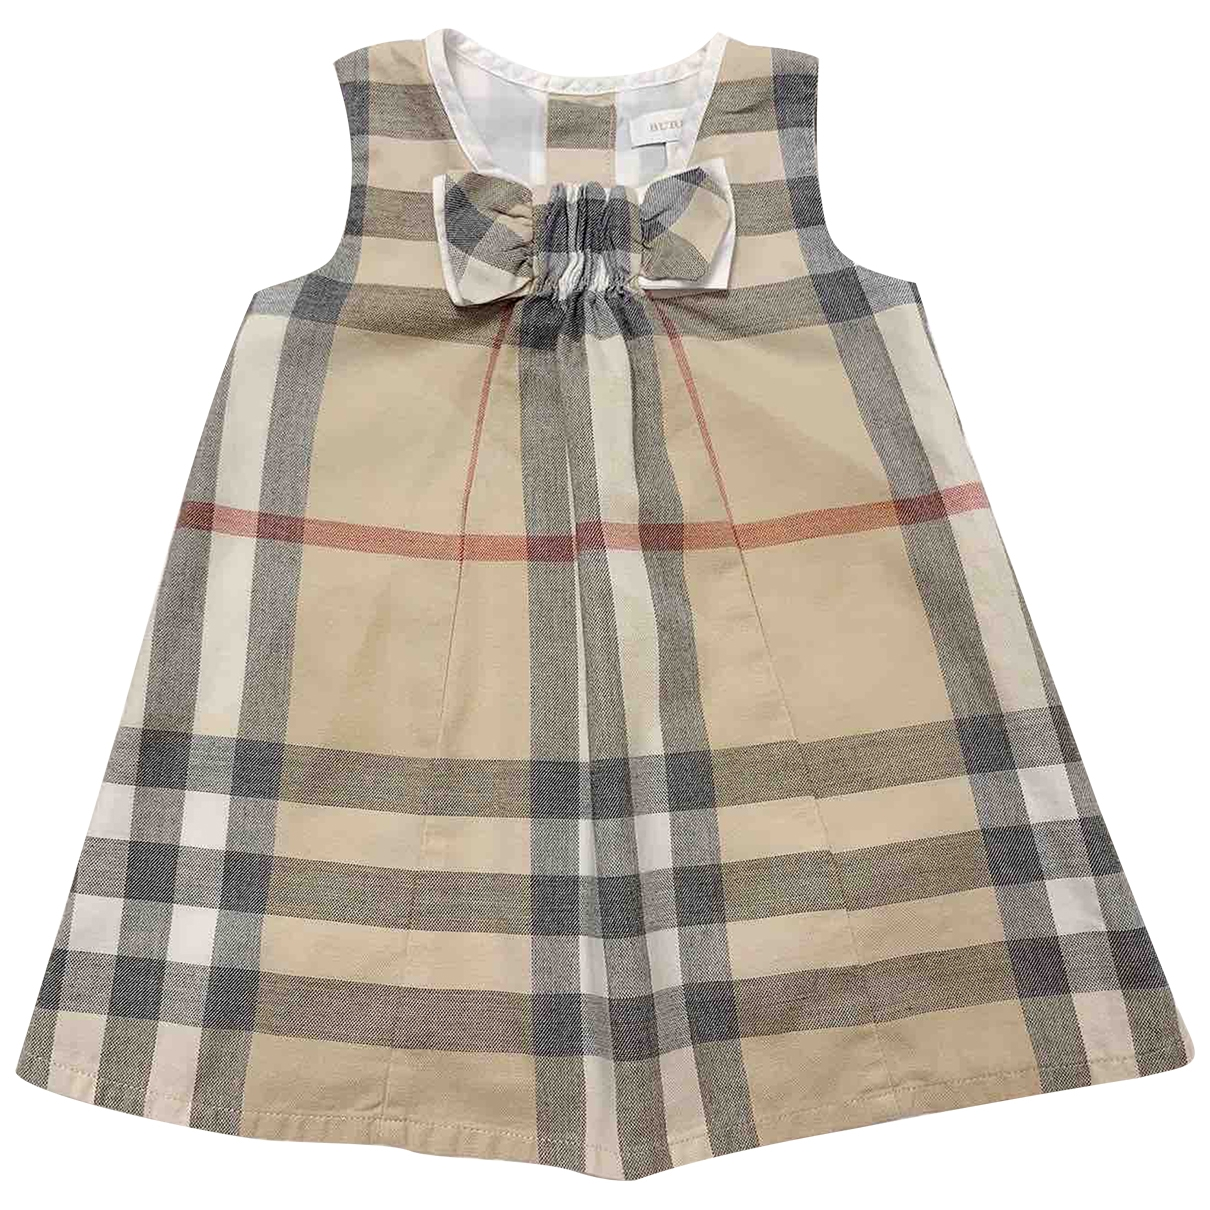 Burberry \N Kleid in  Bunt Baumwolle - Elasthan